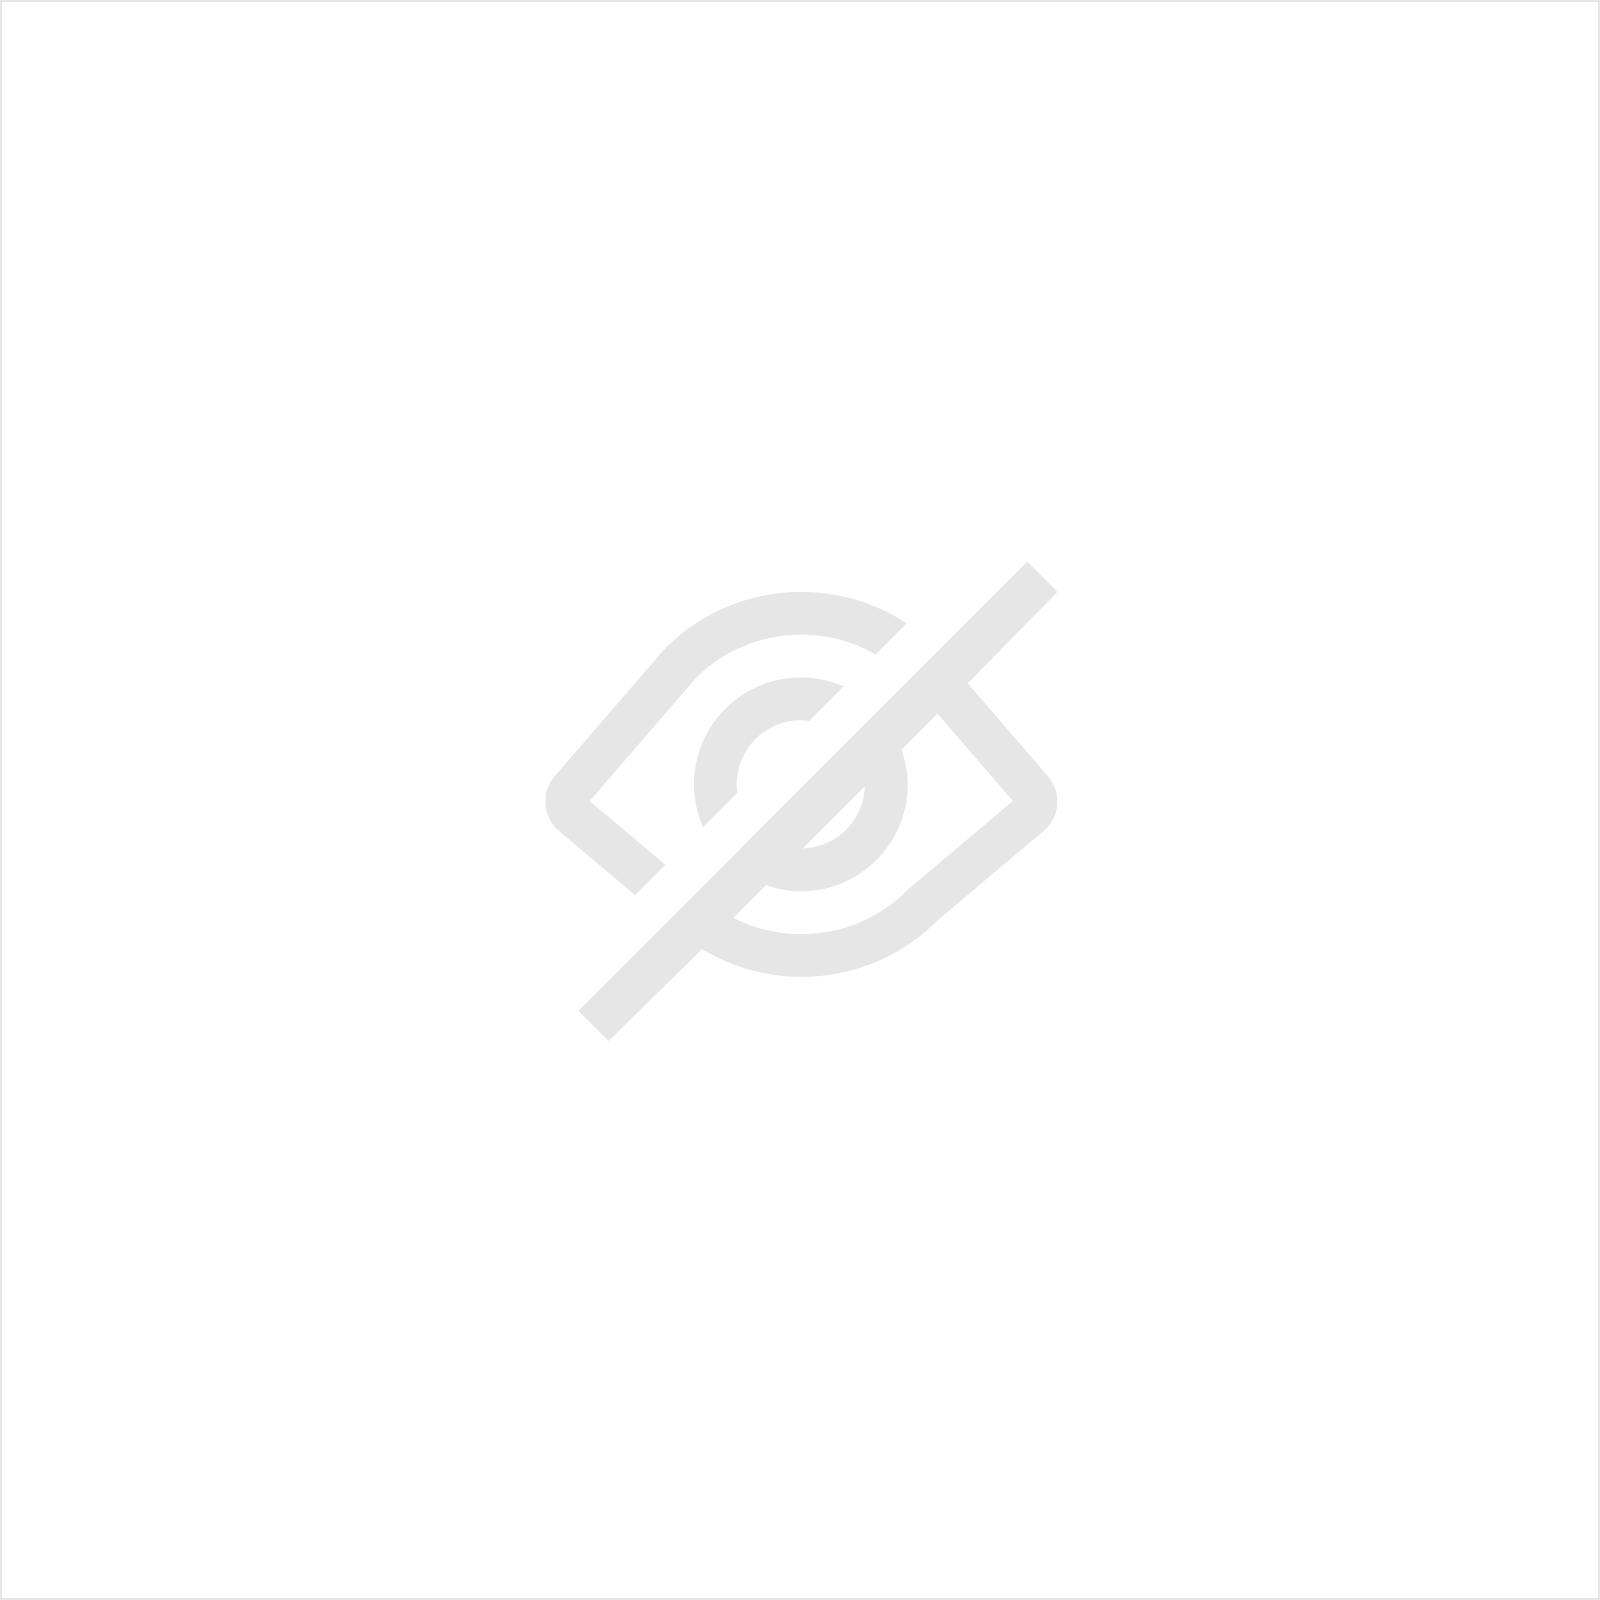 HOEKKLEM / WINKELHAAK HOOG